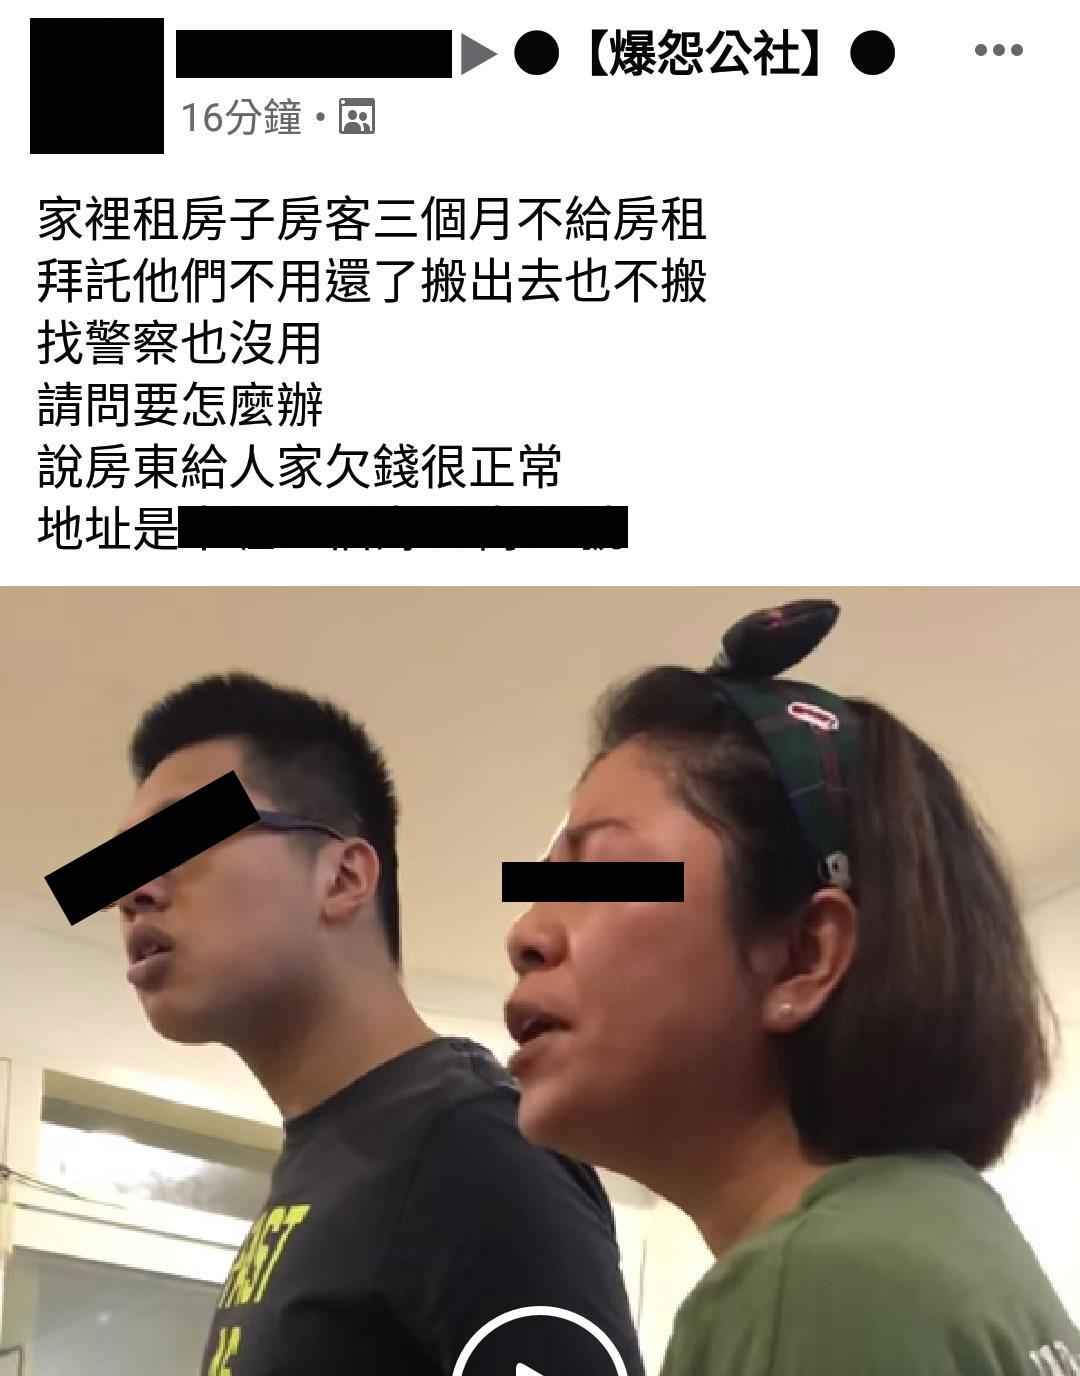 影/房客「欠3個月房租」飆罵房東 不滿被公審「發文反擊」又被罵!